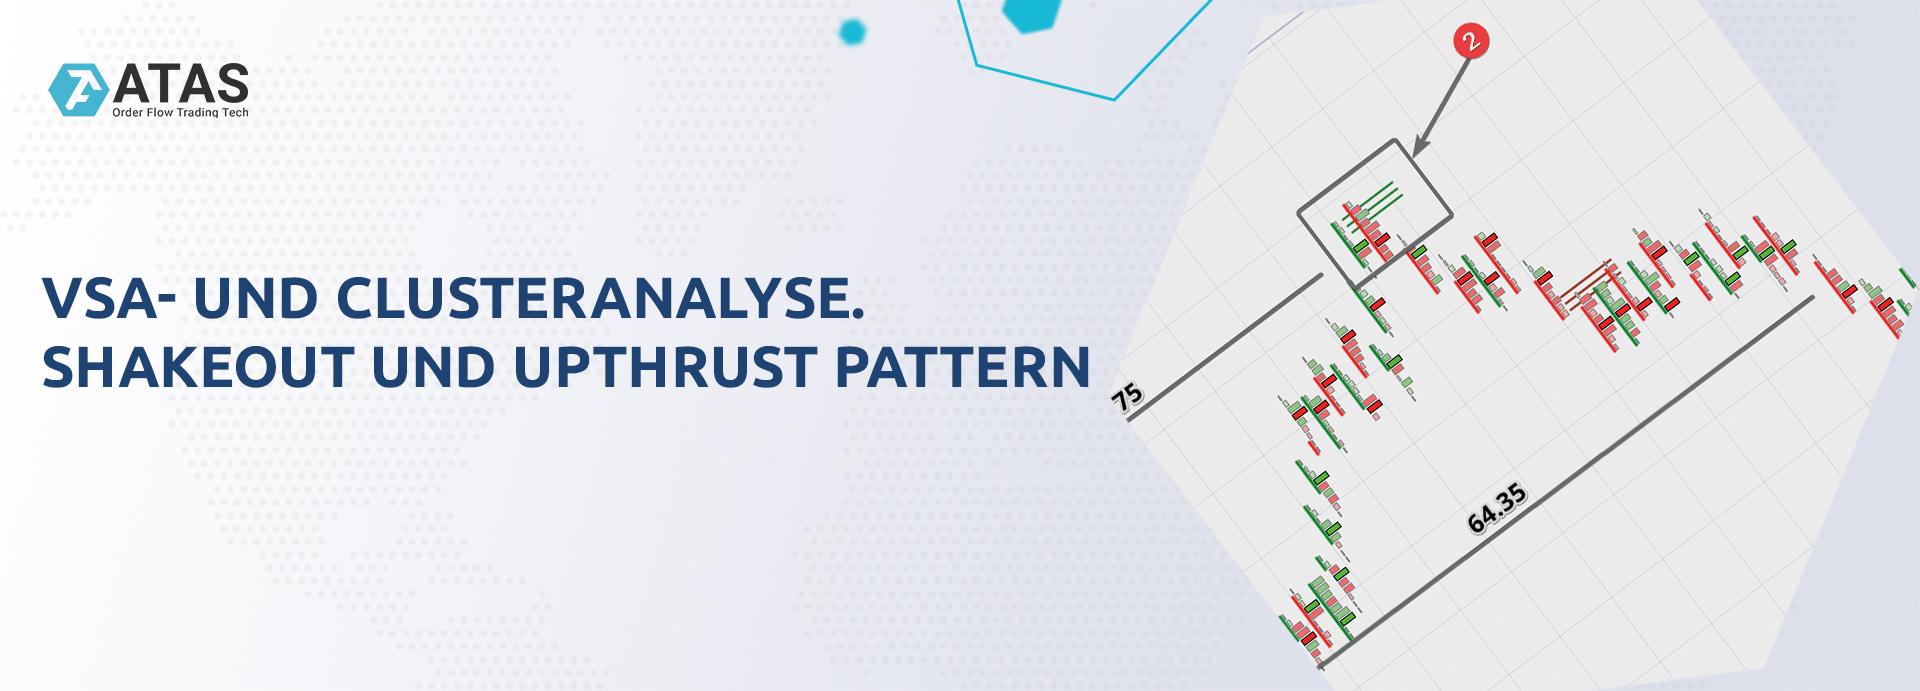 VSA- und Clusteranalyse. Shakeout und Upthrust Pattern